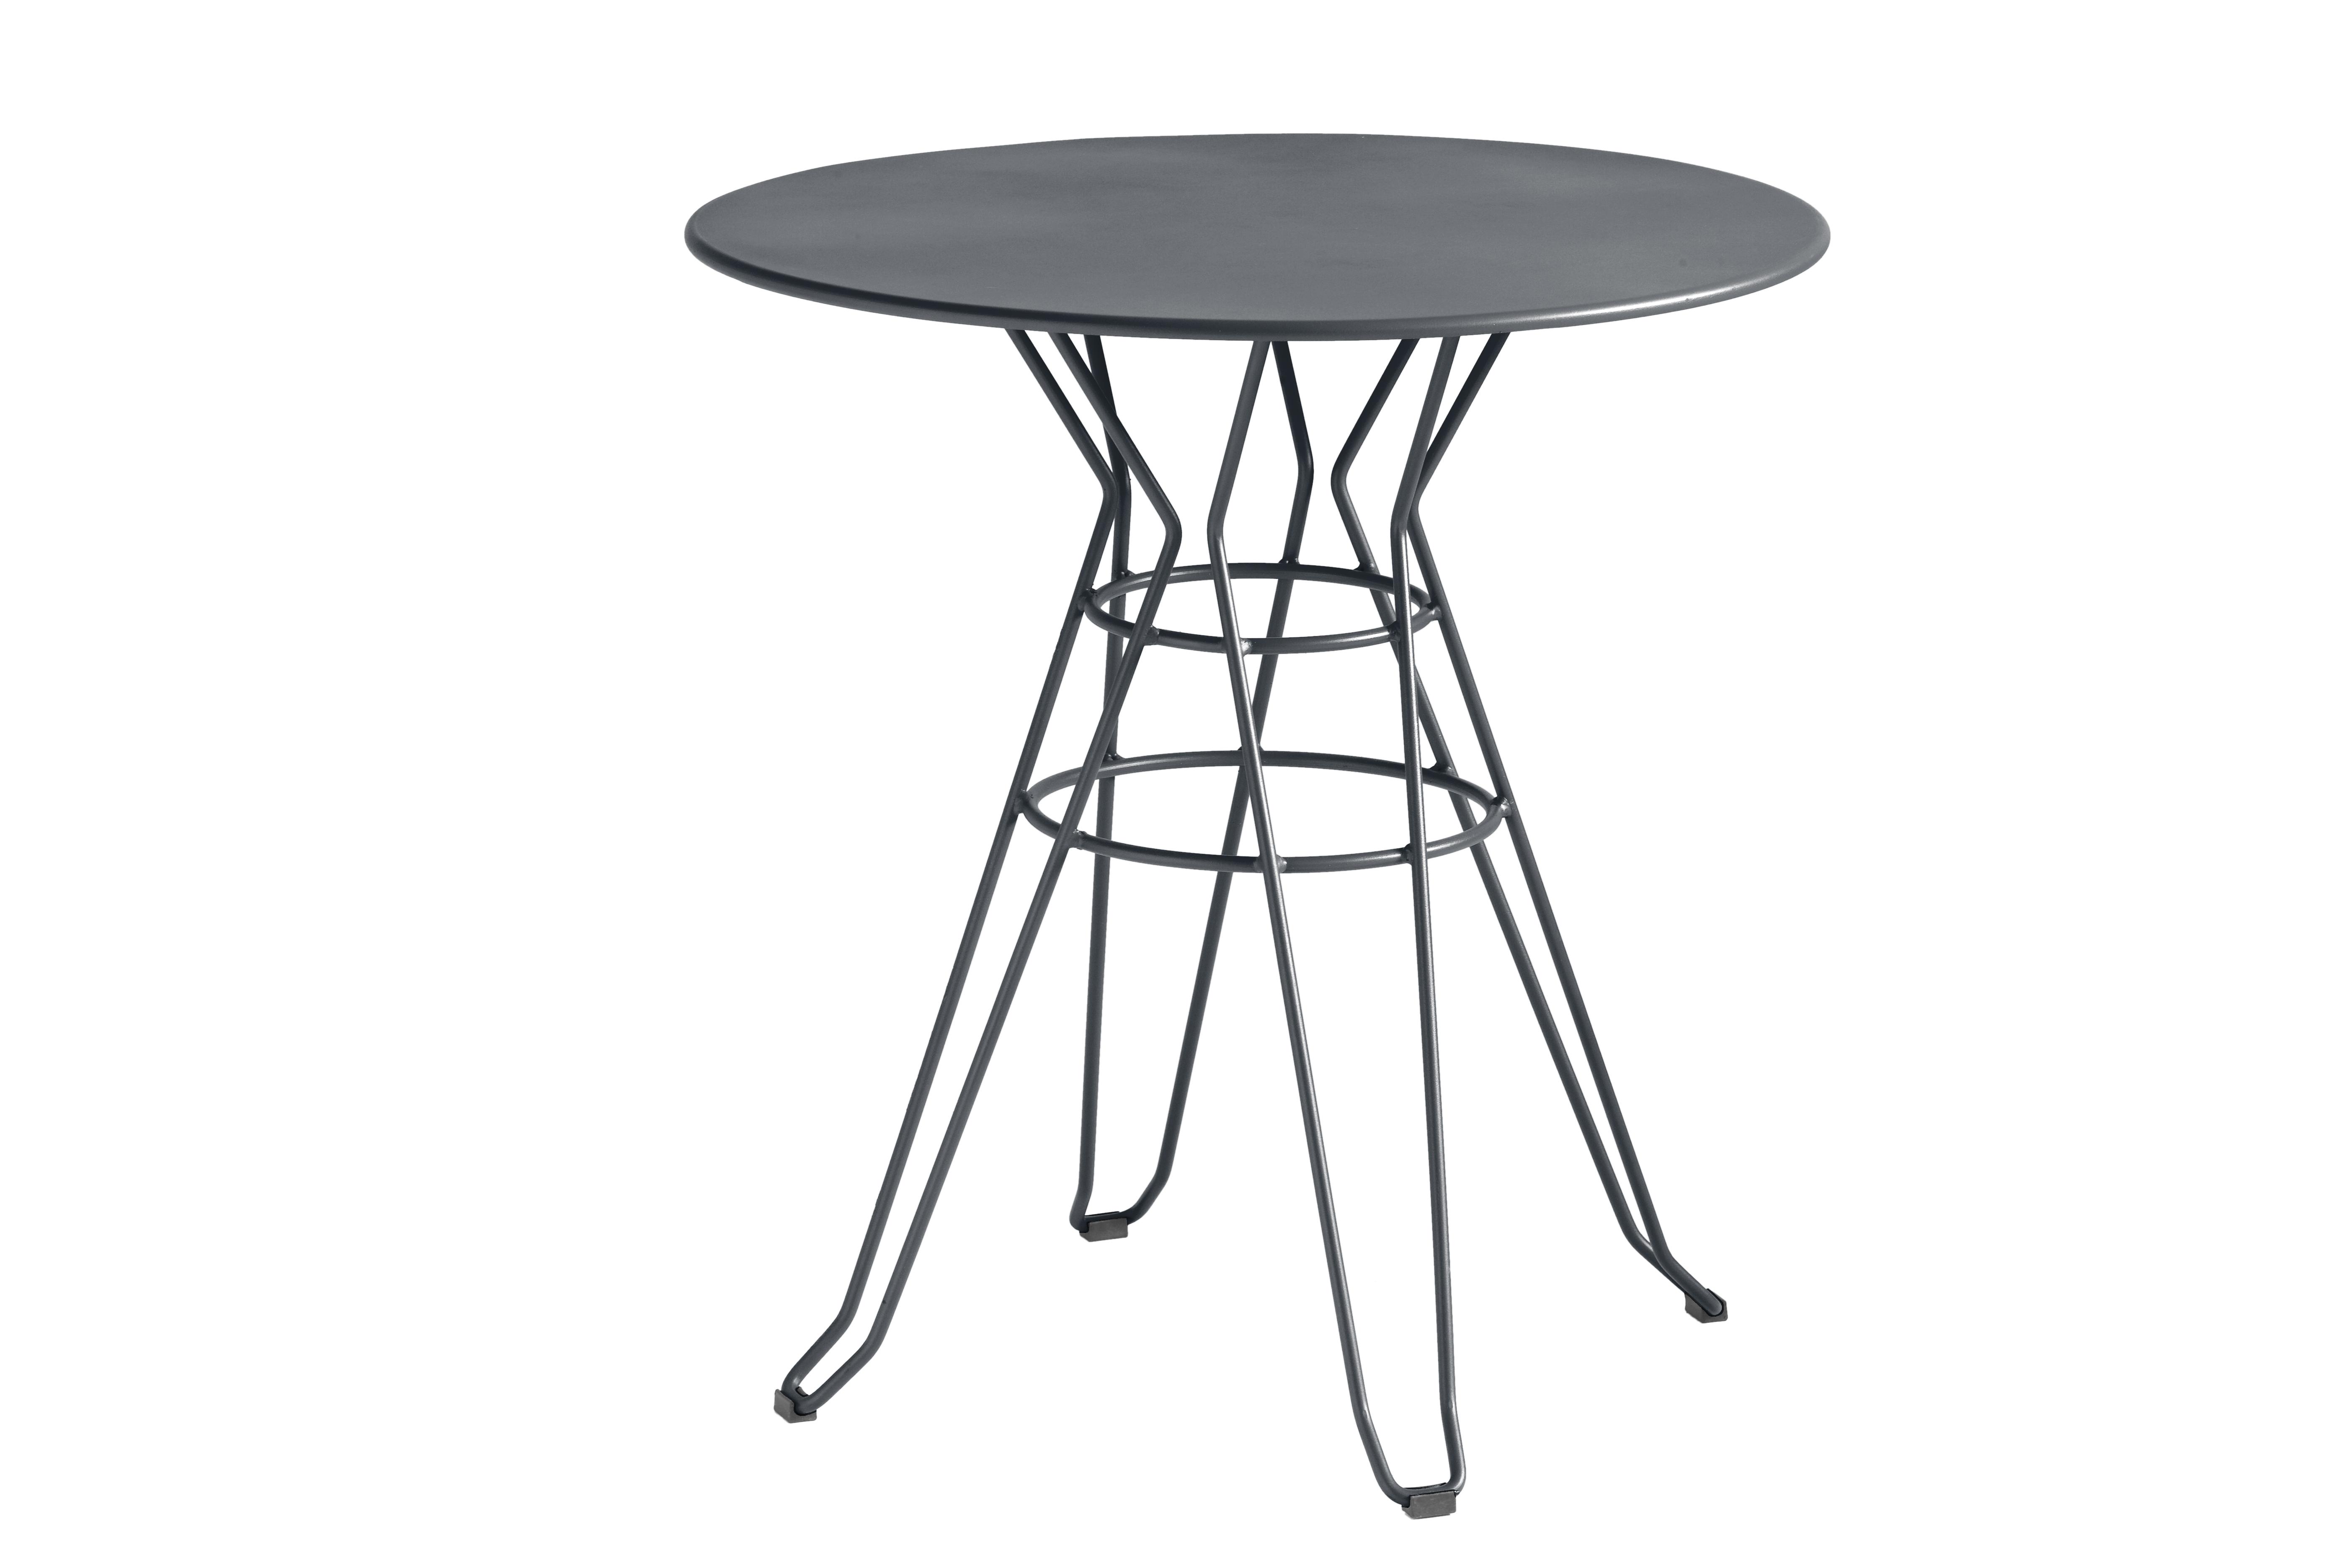 CAPRI - Table rond en acier gris anthracite D80